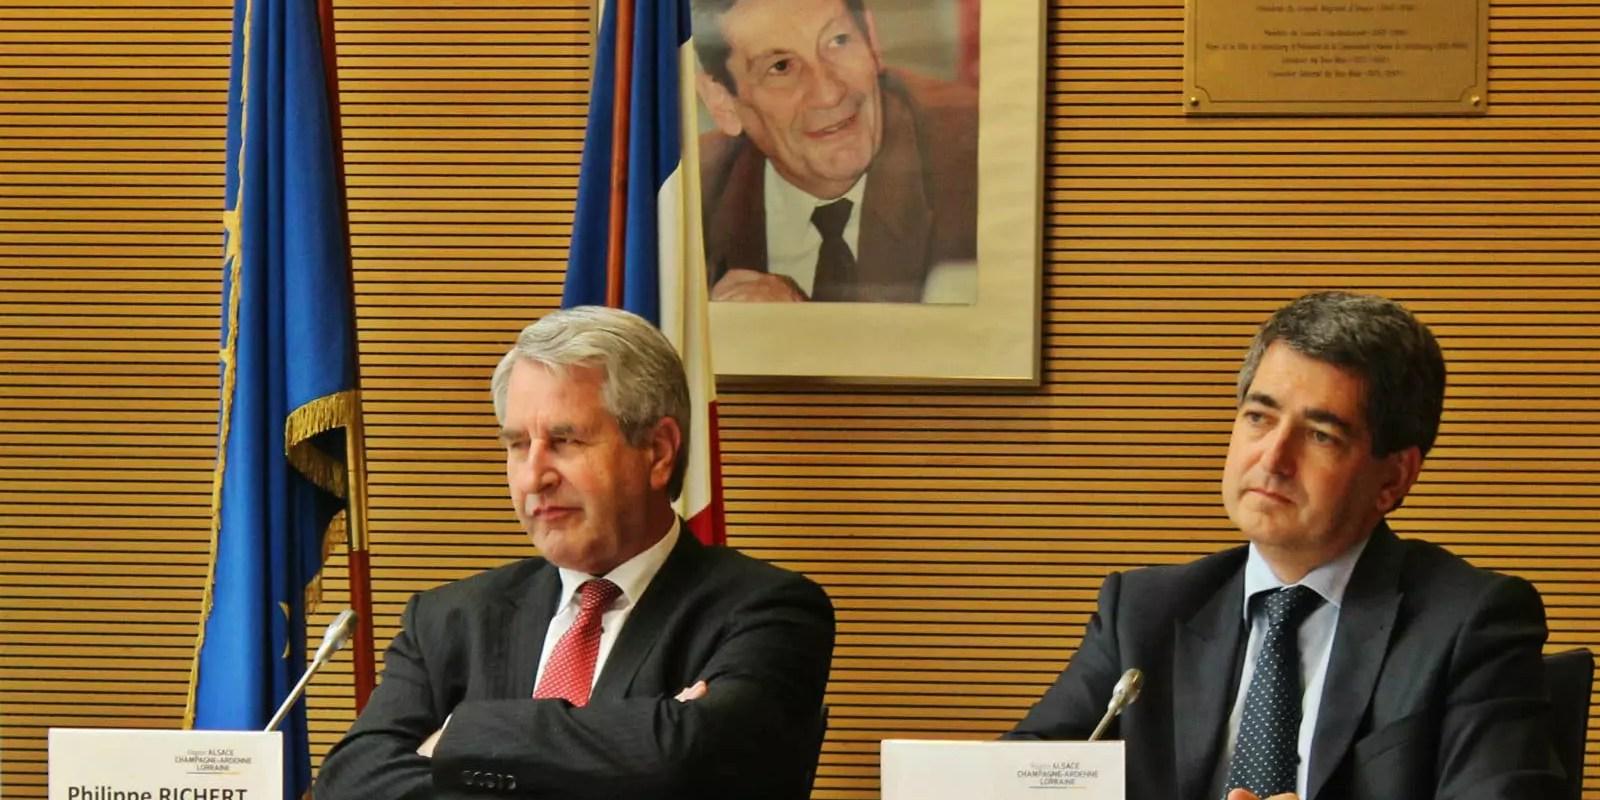 Le maire de Mulhouse Jean Rottner, futur président du Grand Est